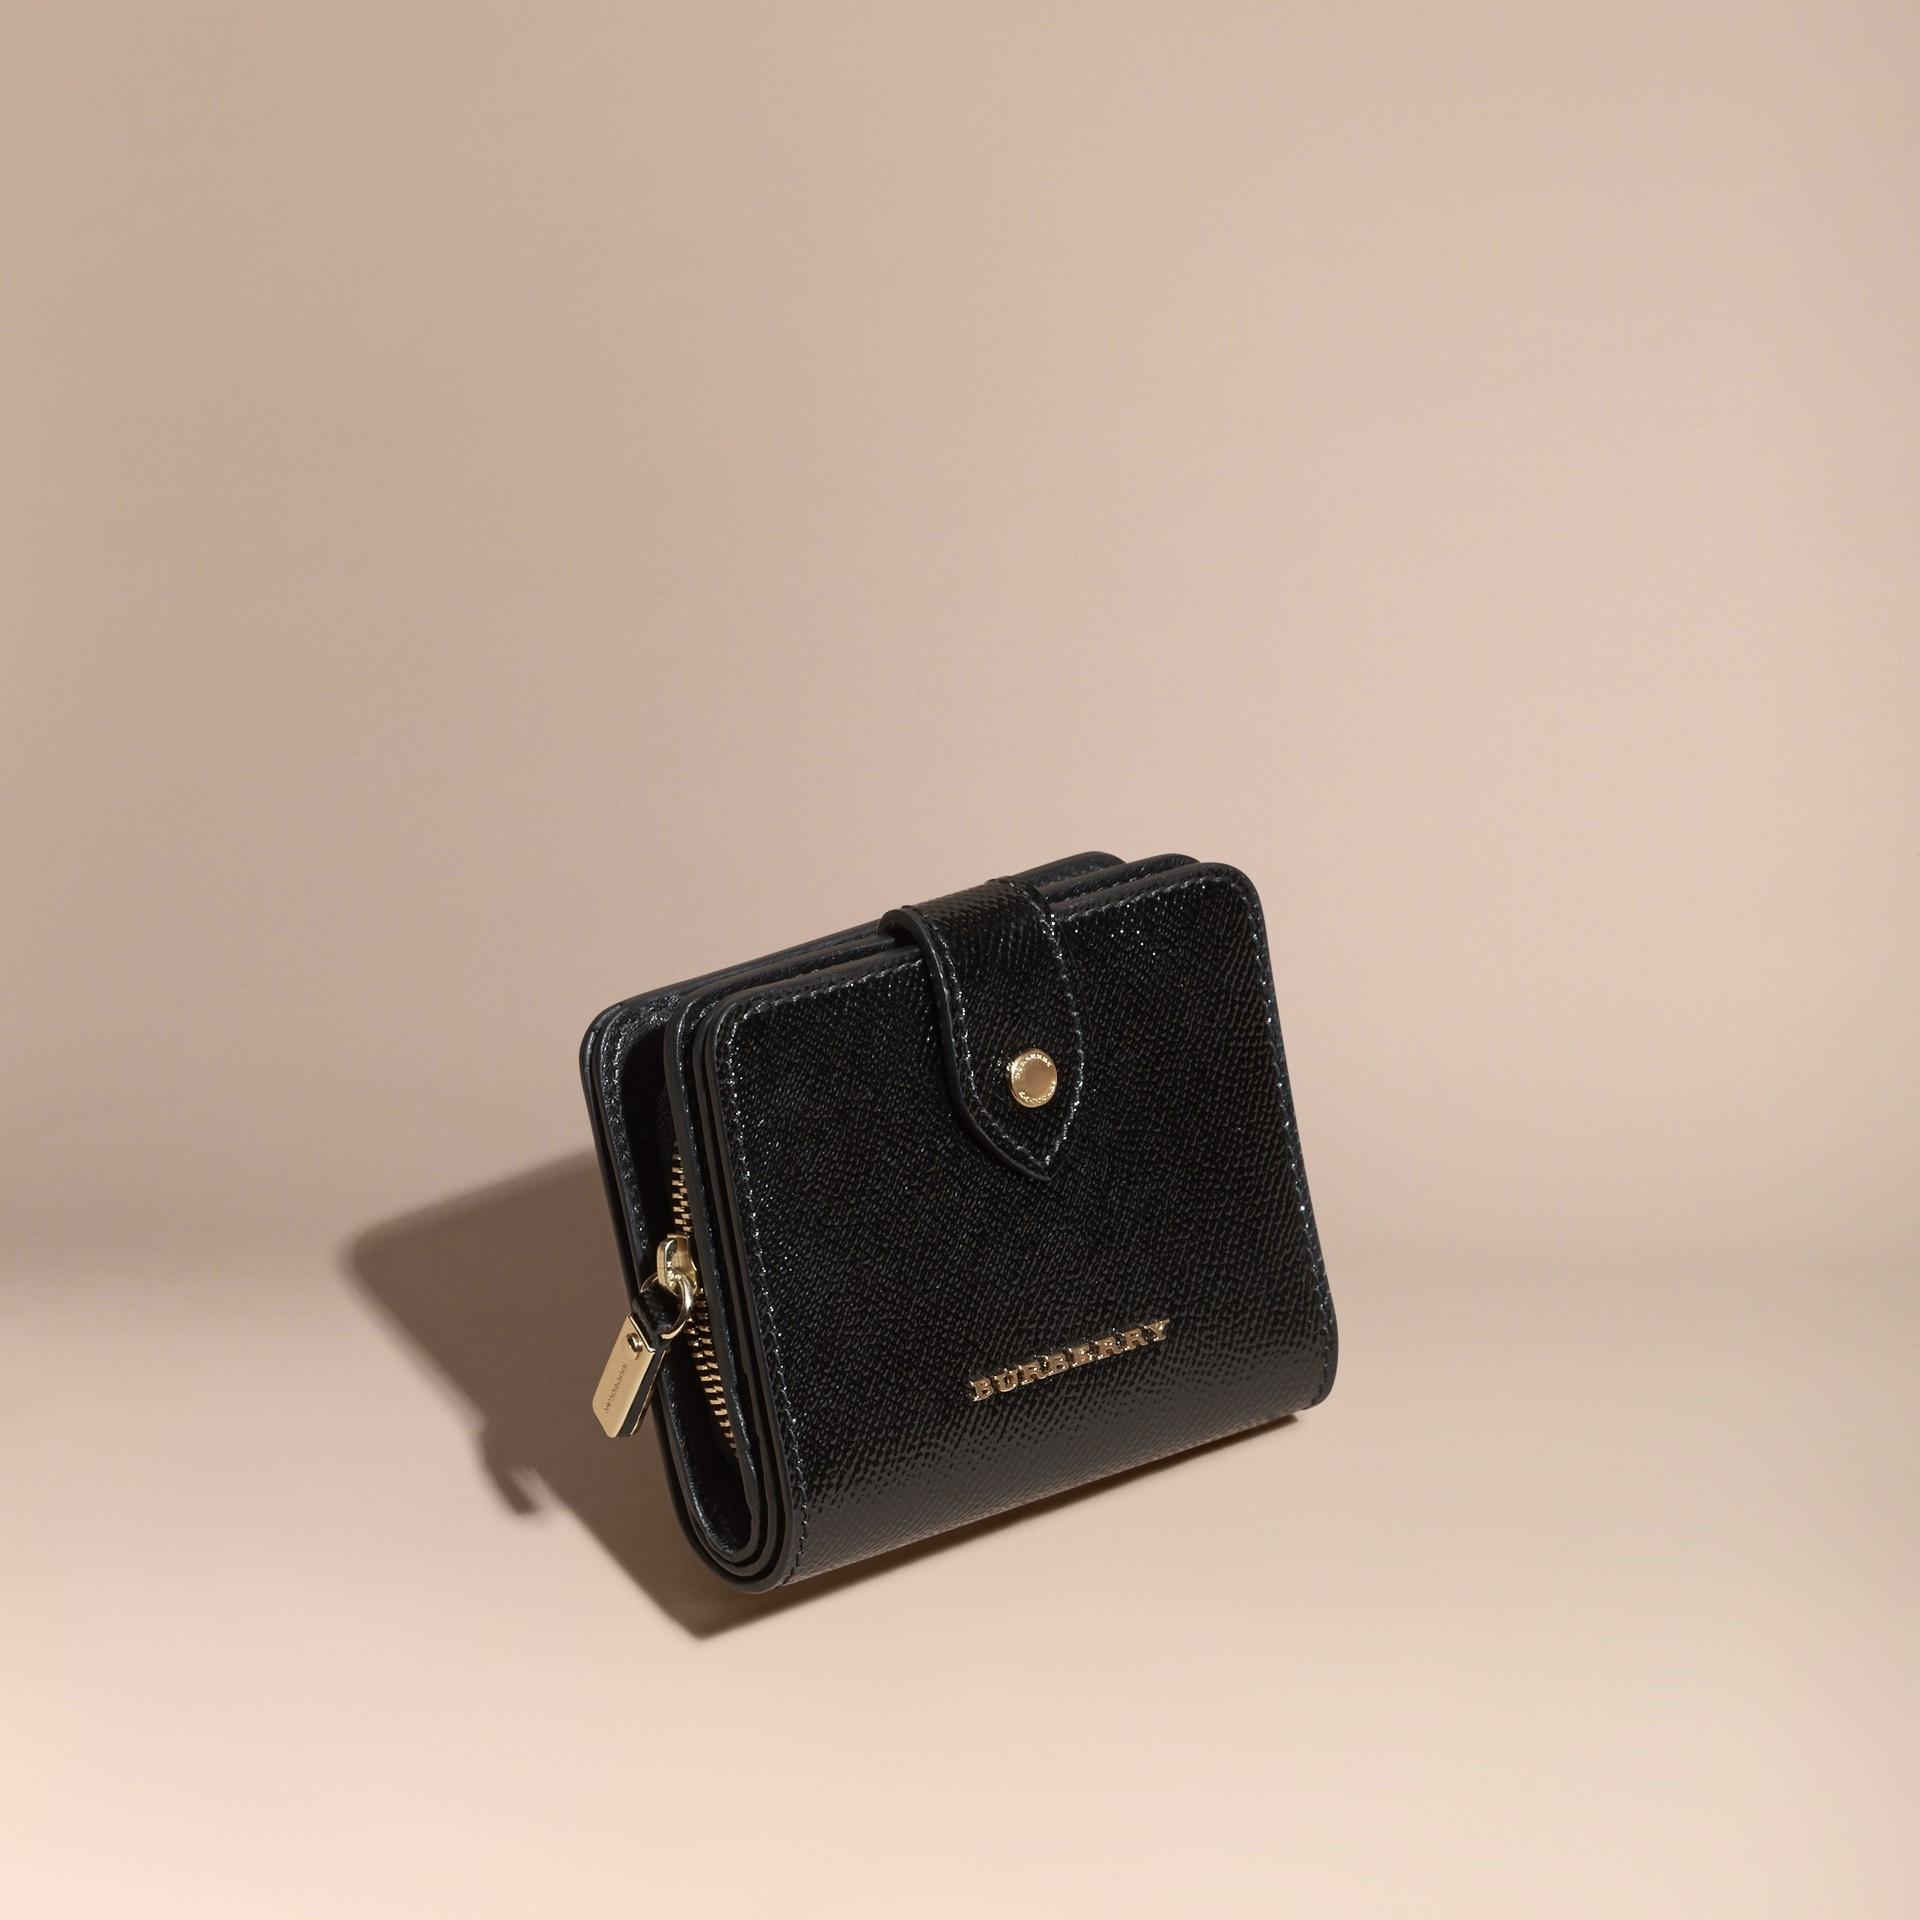 Nero Portafoglio in pelle London verniciata Nero - immagine della galleria 1